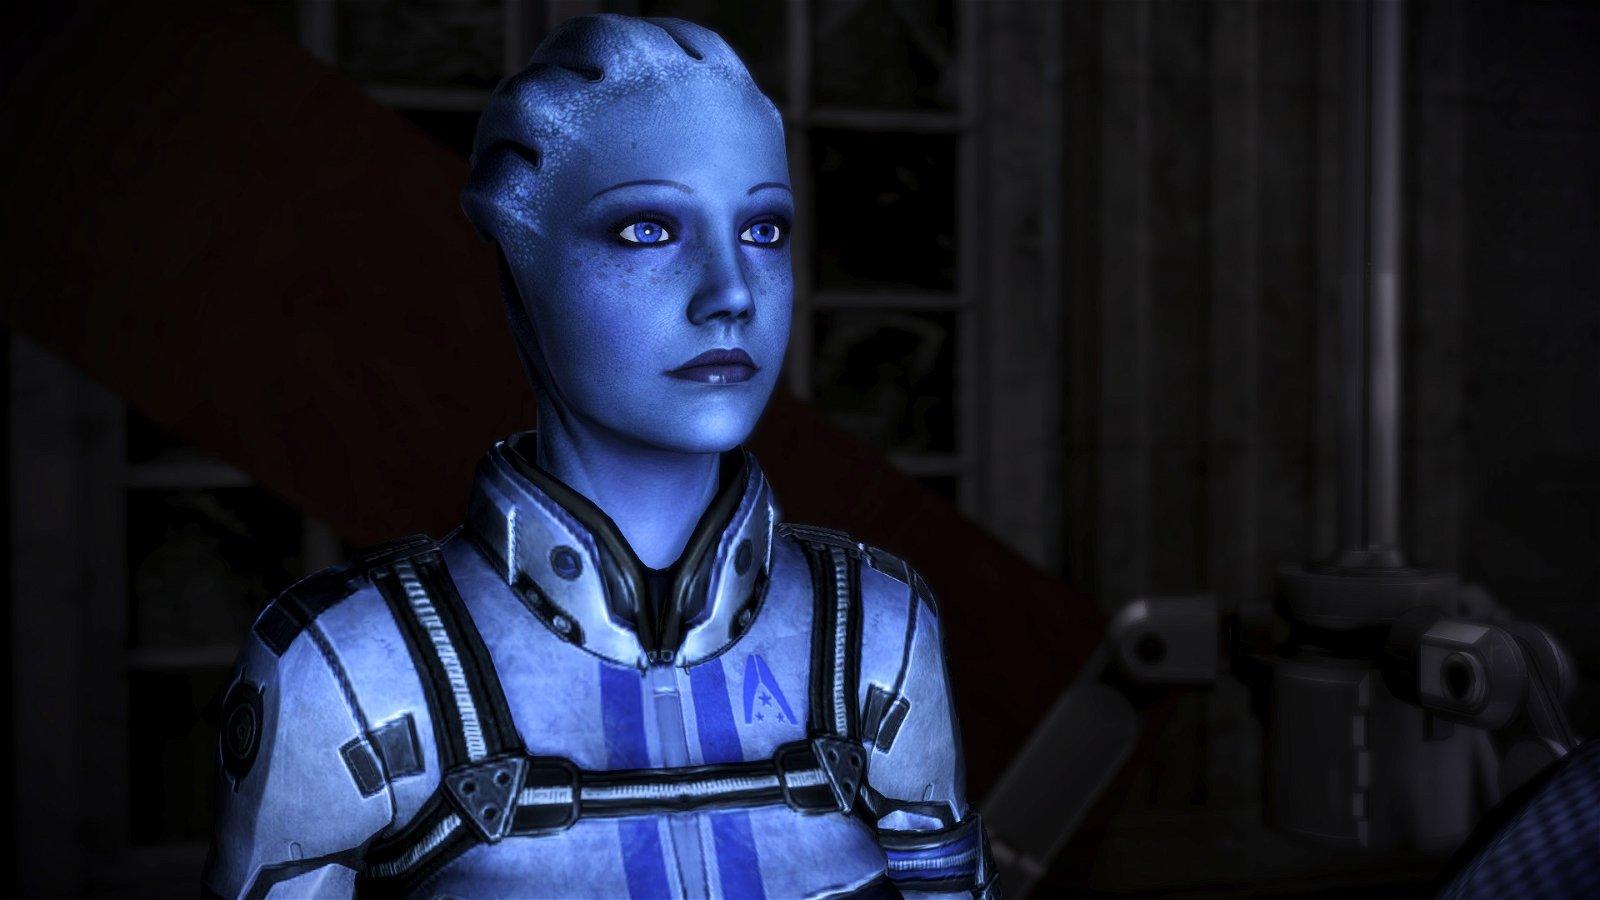 Los mejores personajes no humanos de los videojuegos